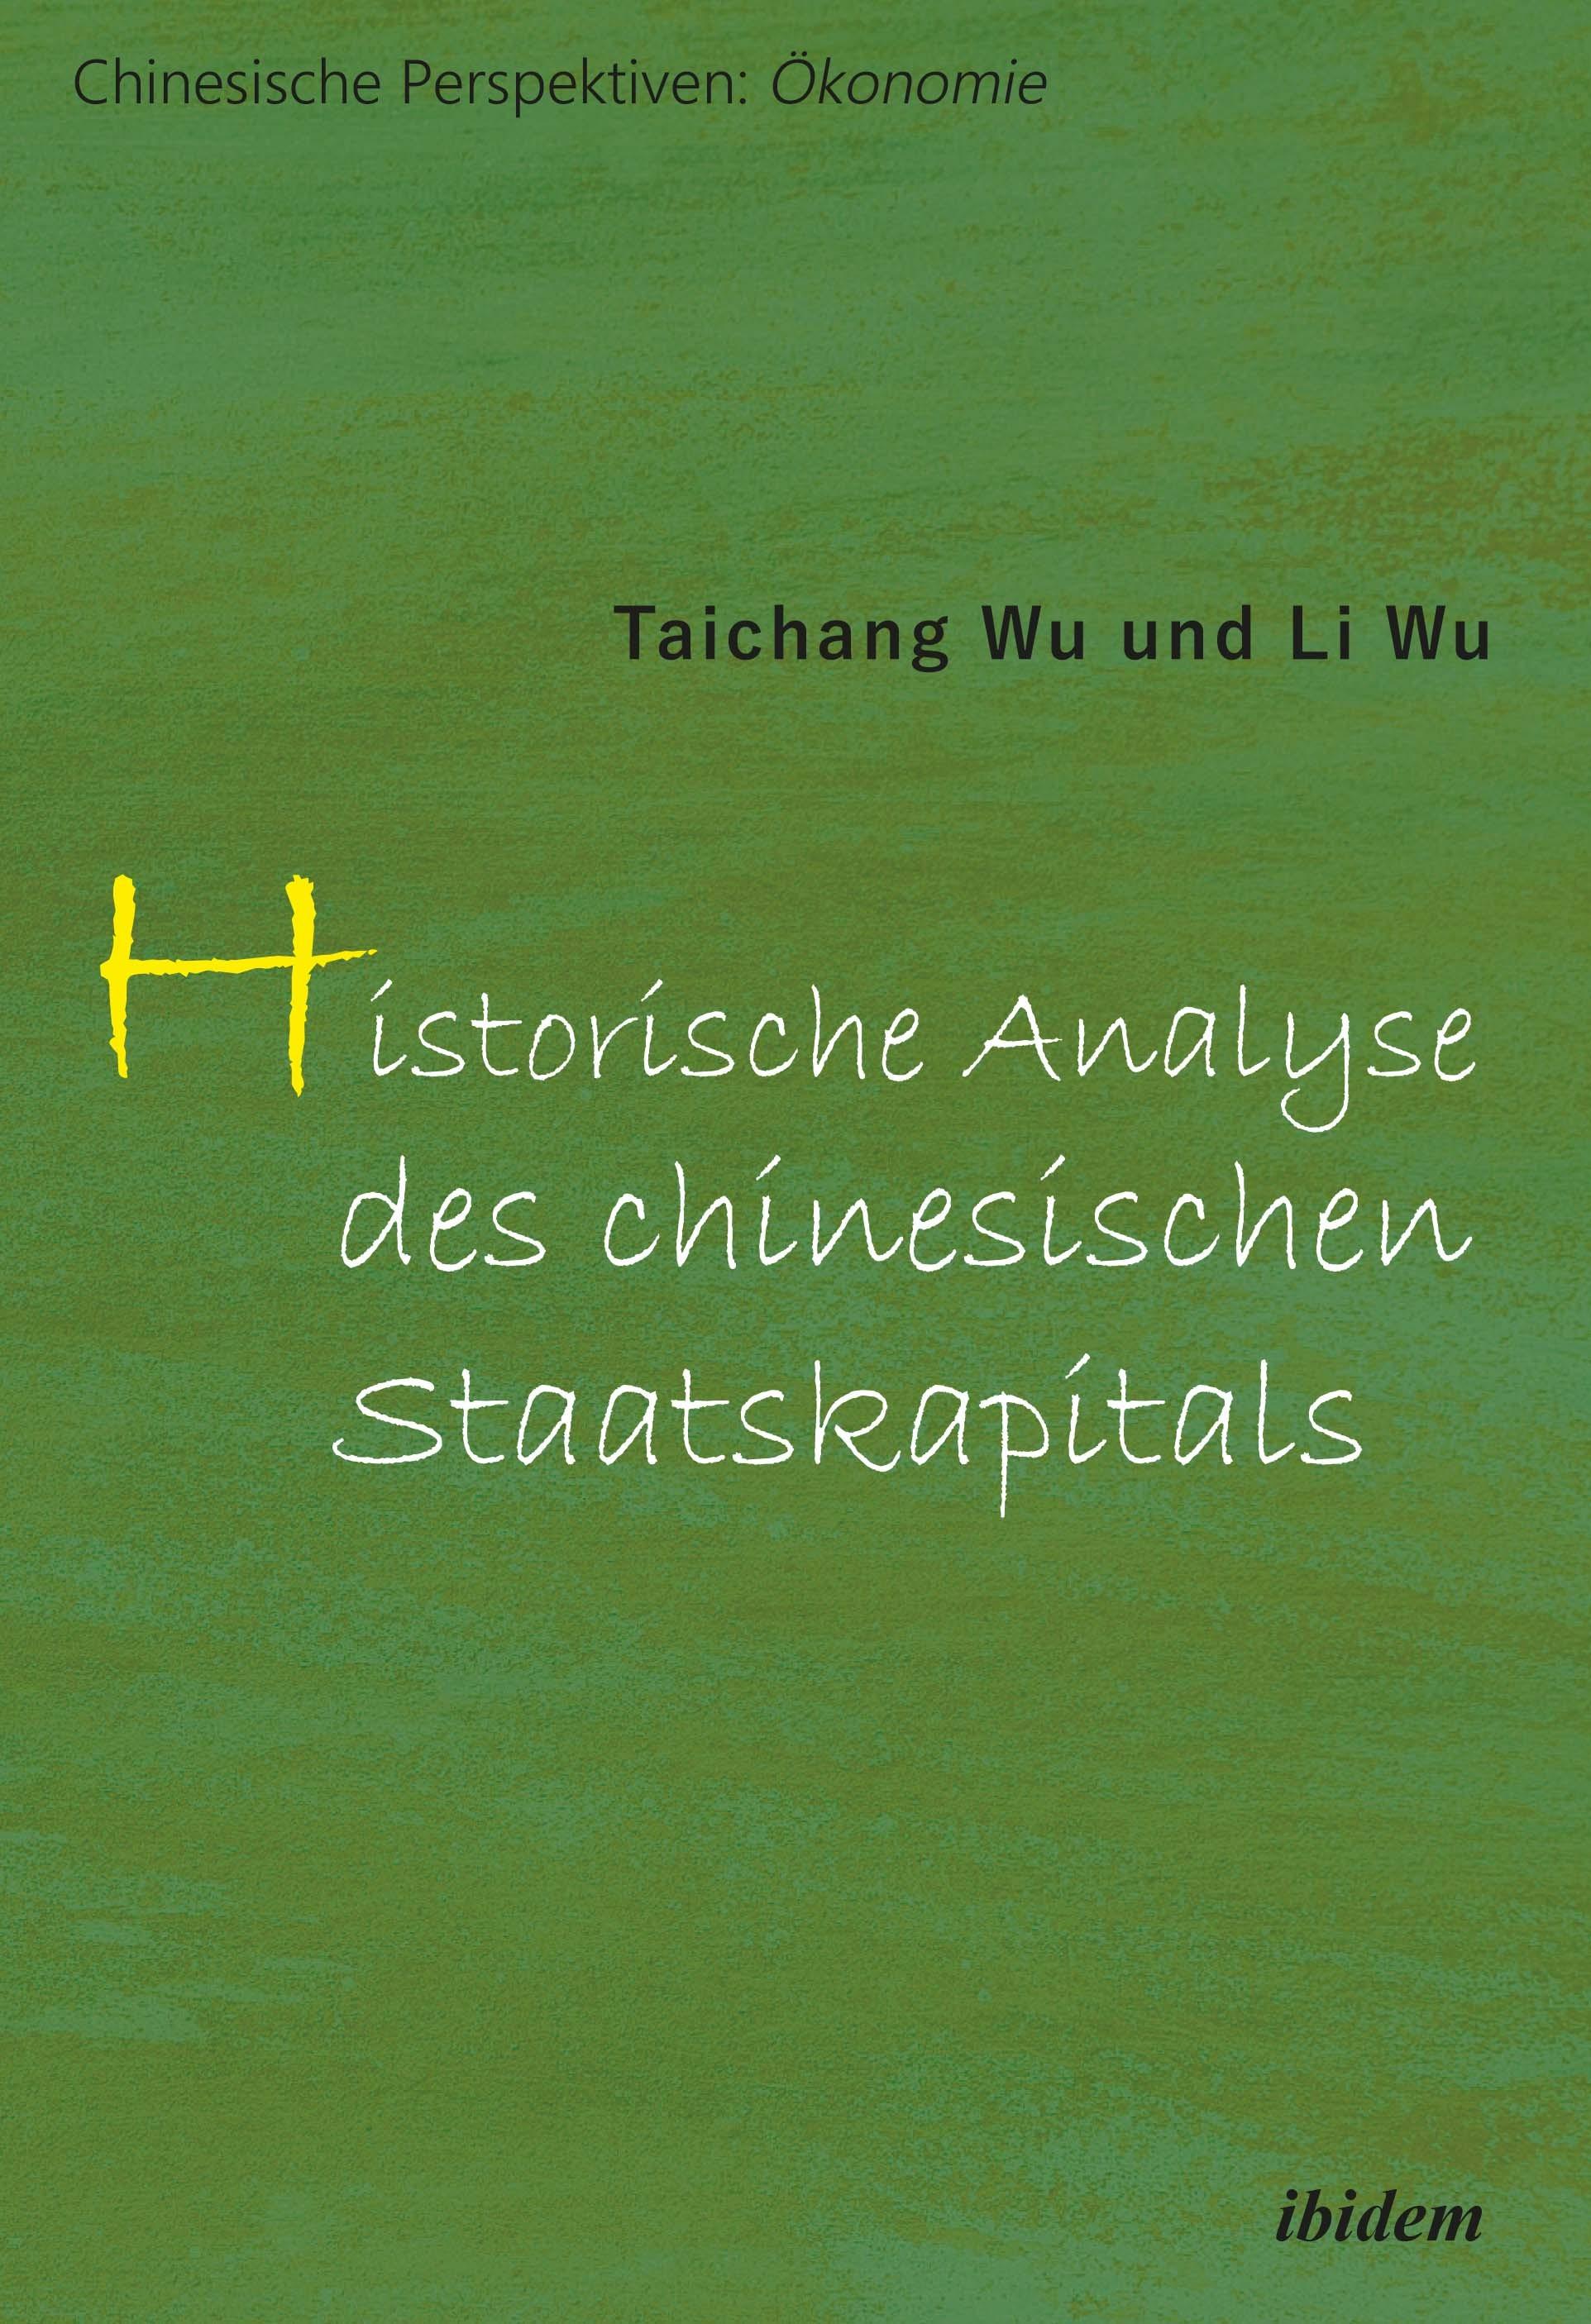 Historische Analyse des chinesischen Staatskapitals